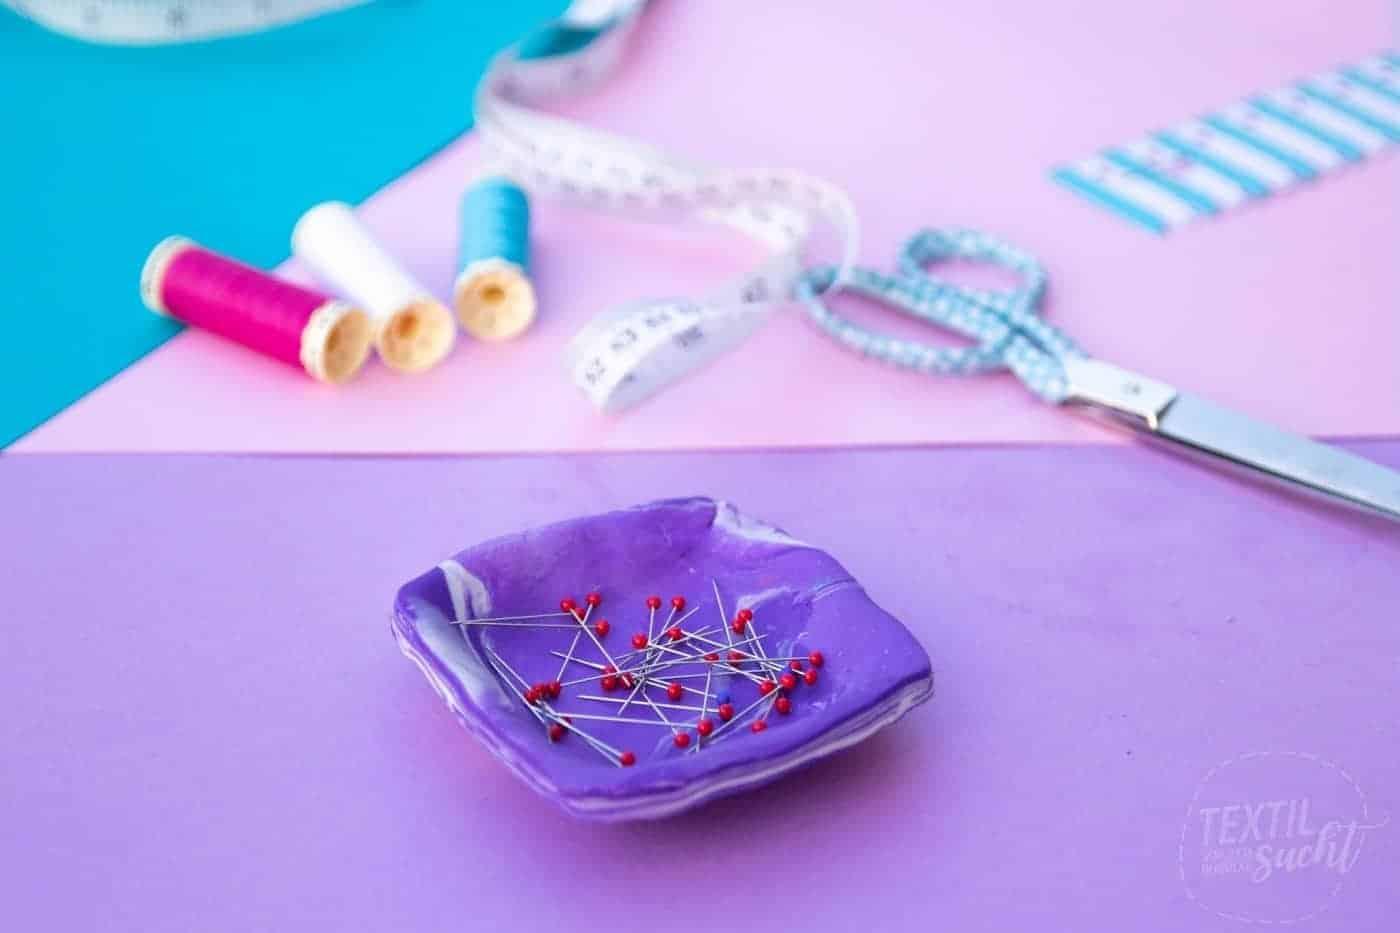 Magnetische Nadelschale aus Fimo basteln - Bild | textilsucht.deMagnetische Nadelschale aus Fimo basteln - Titelbild | textilsucht.de